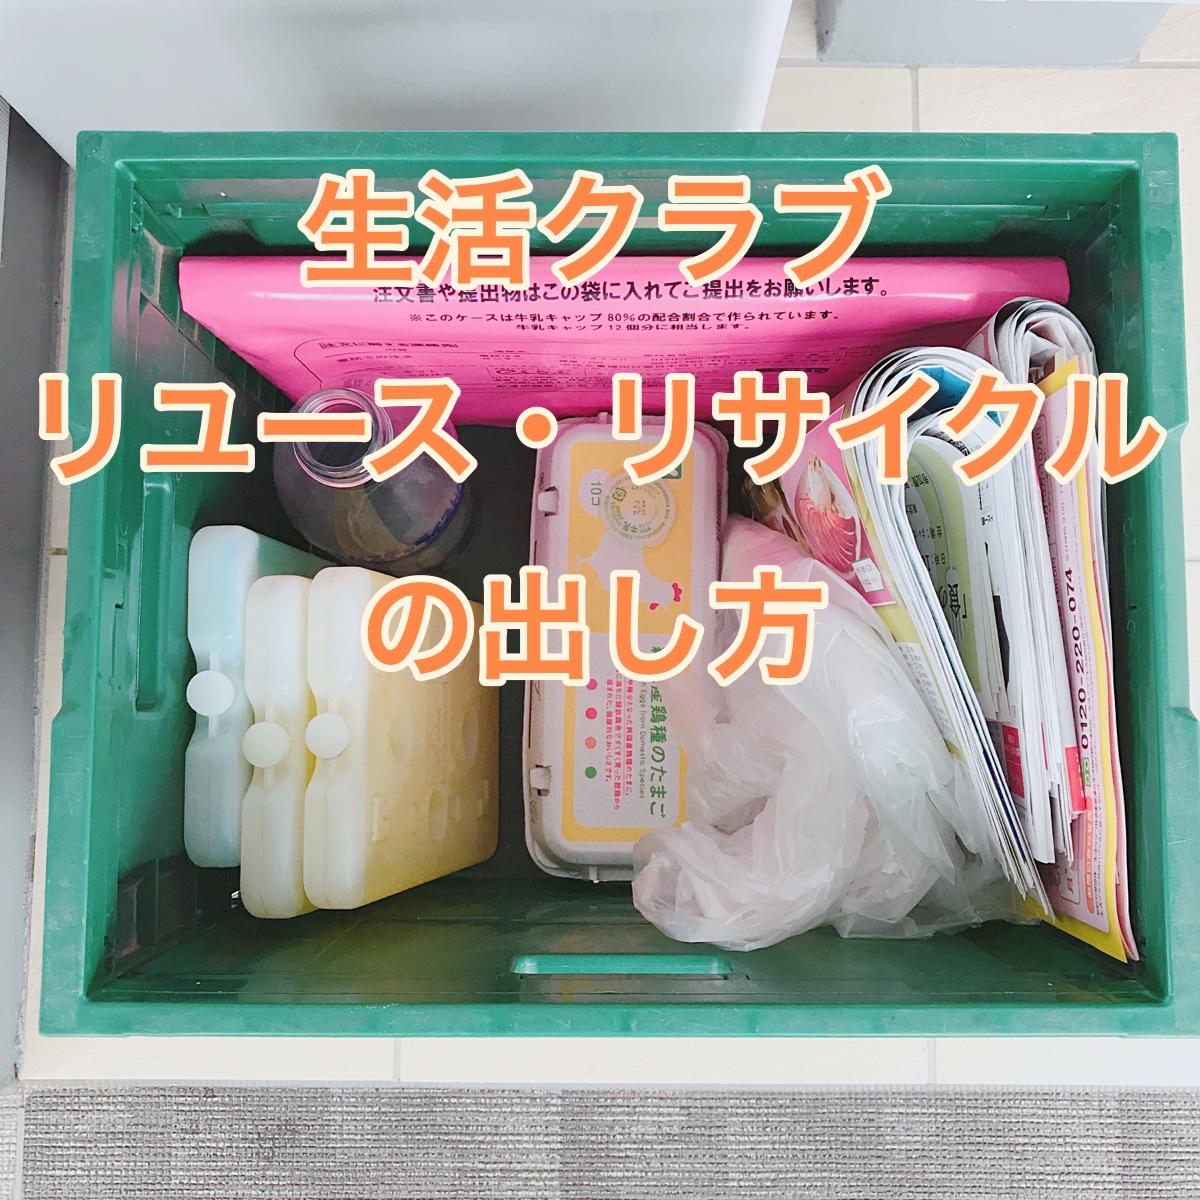 生活クラブ リユース リサイクル 出し方